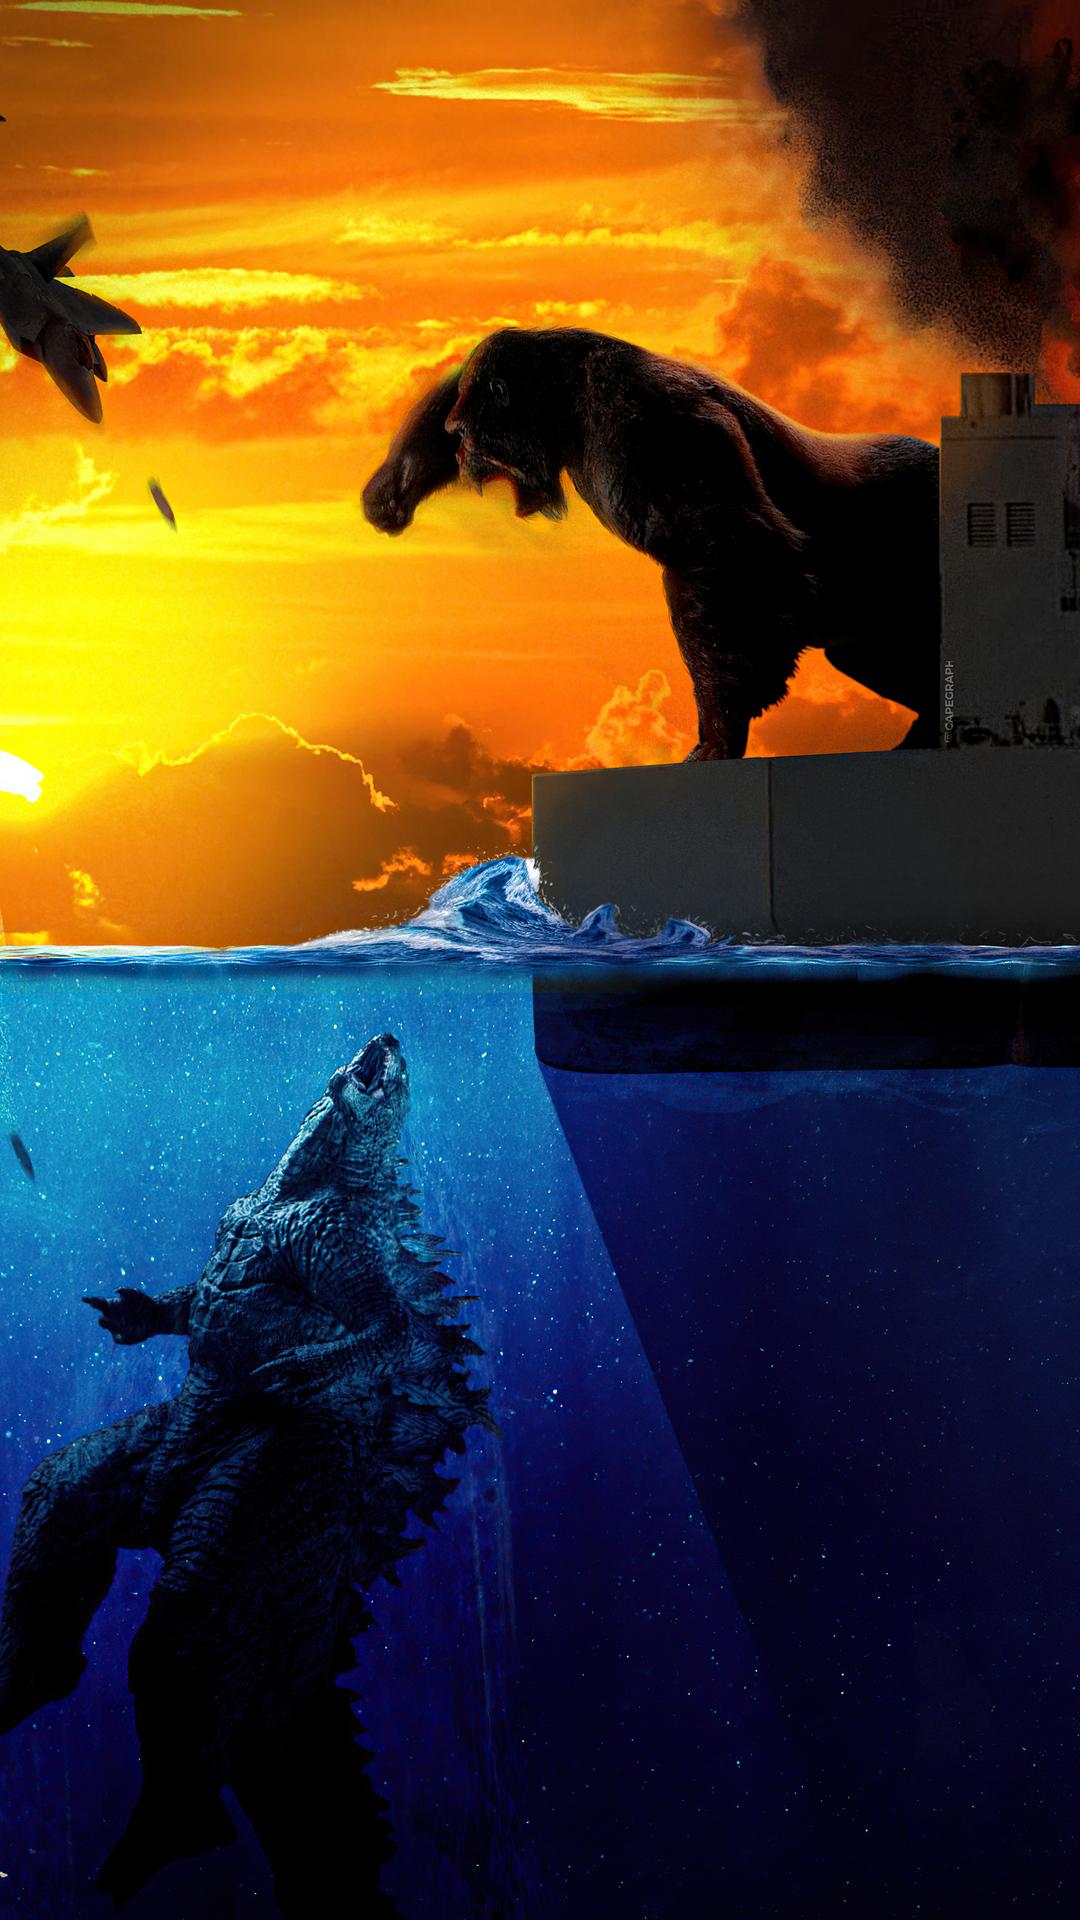 godzilla-vs-kong-concept-artwork-4k-7z.jpg